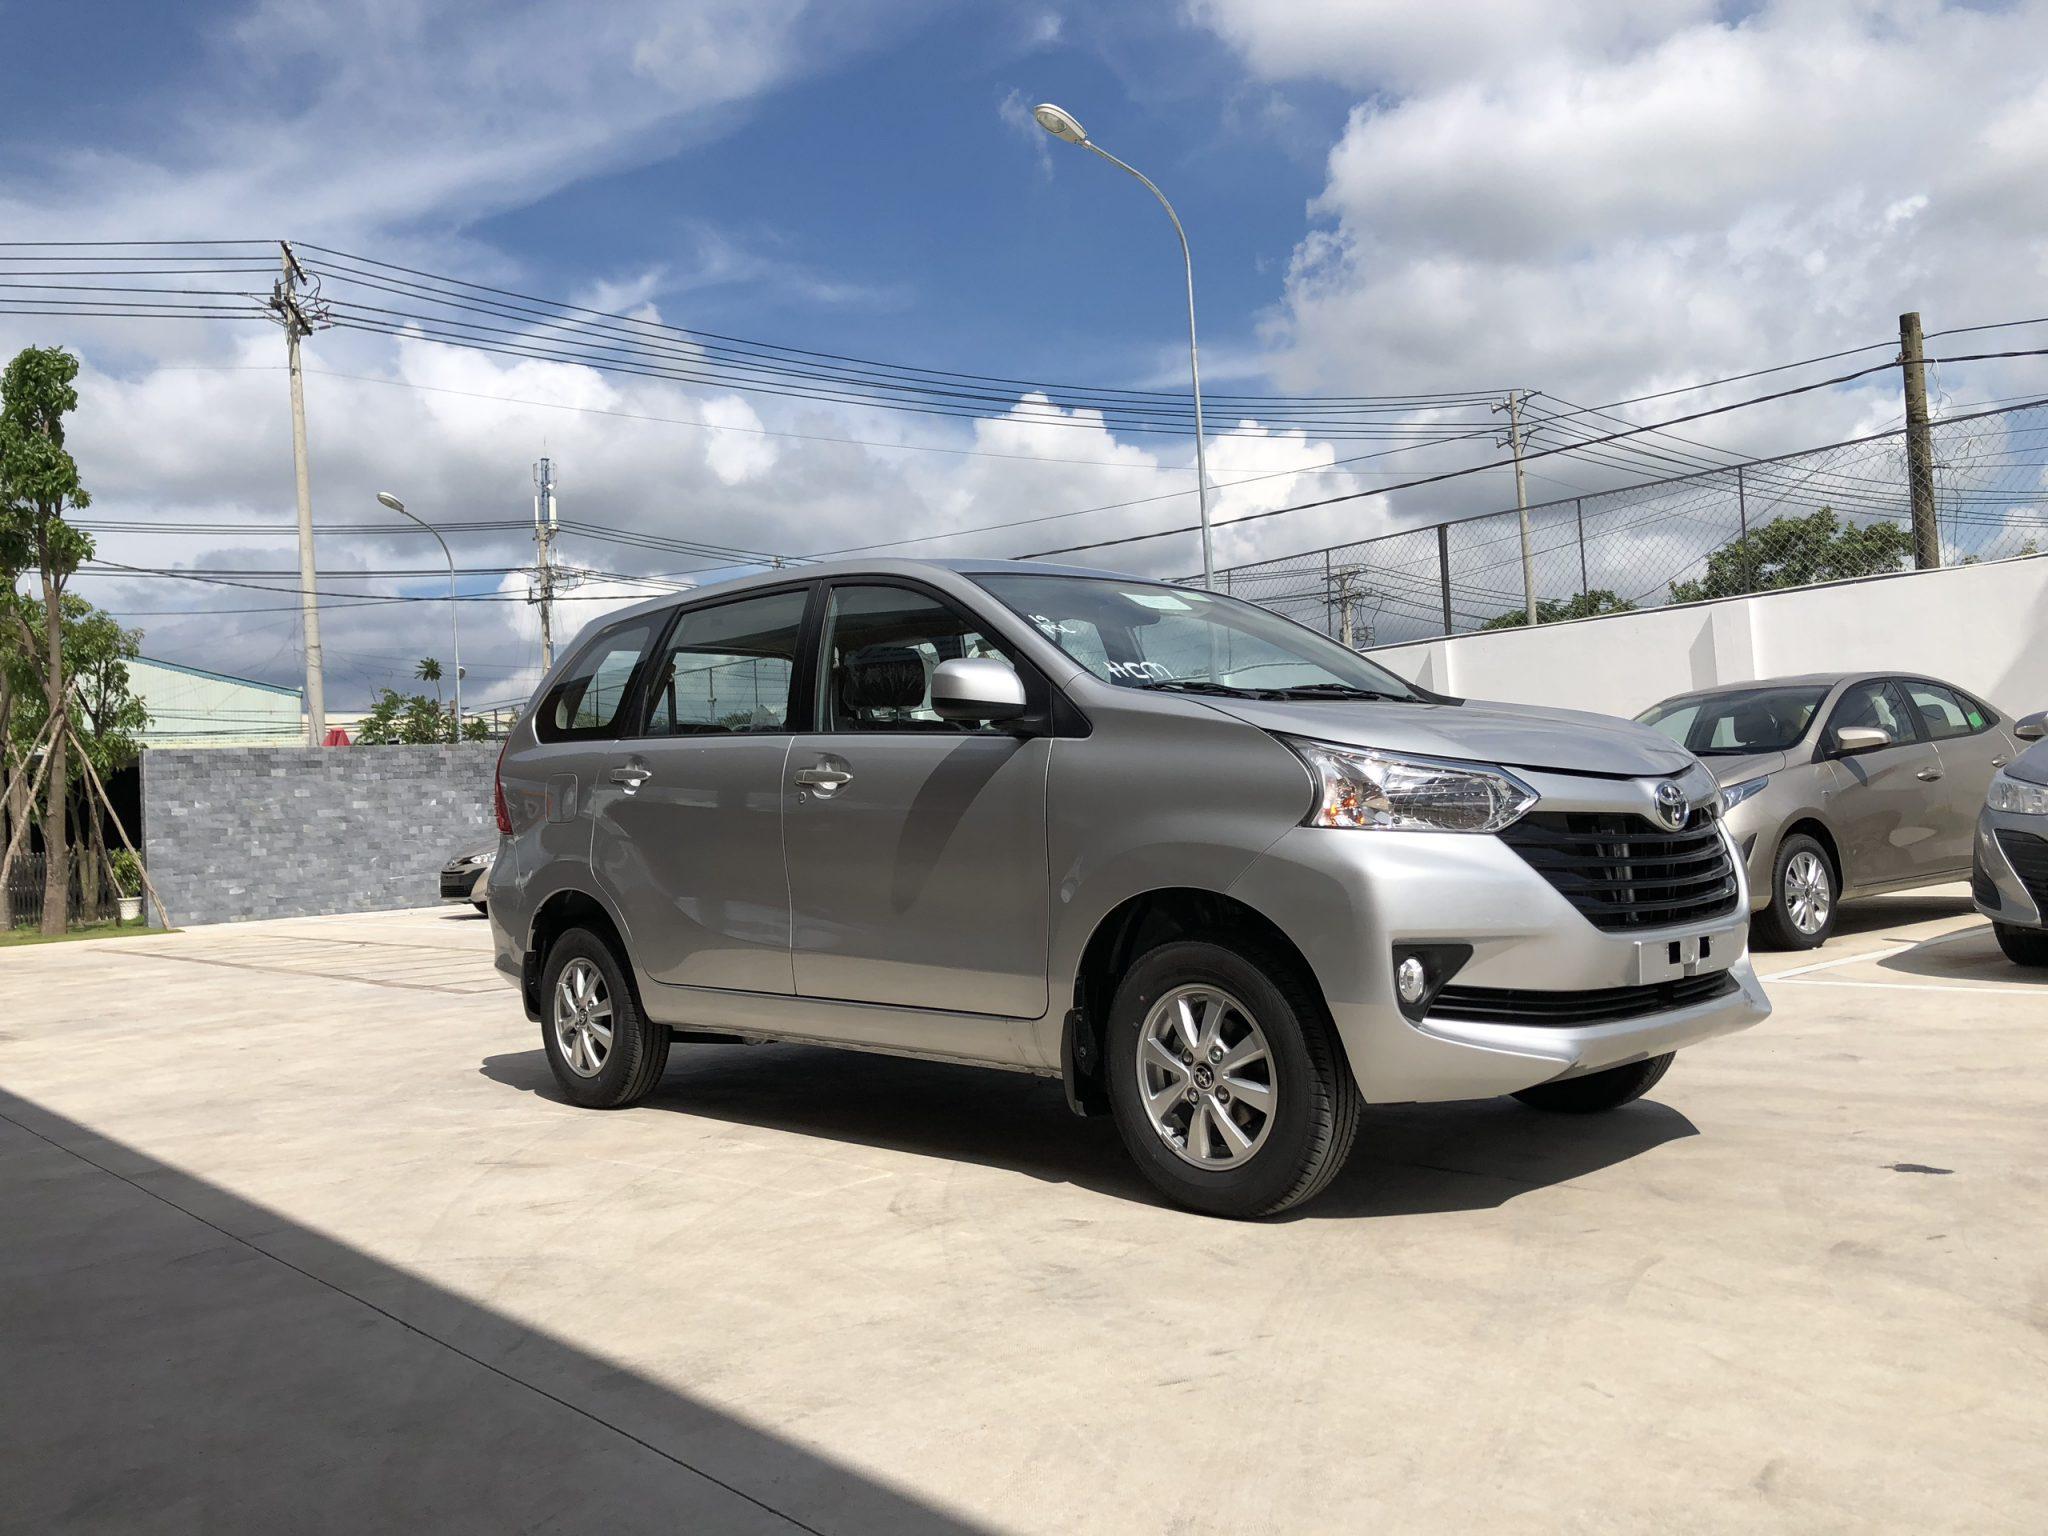 Toyota Avanza 1.3 MT ảnh 11 - Avanza 1.3 MT [hienthinam] (số sàn): giá xe và khuyến mãi